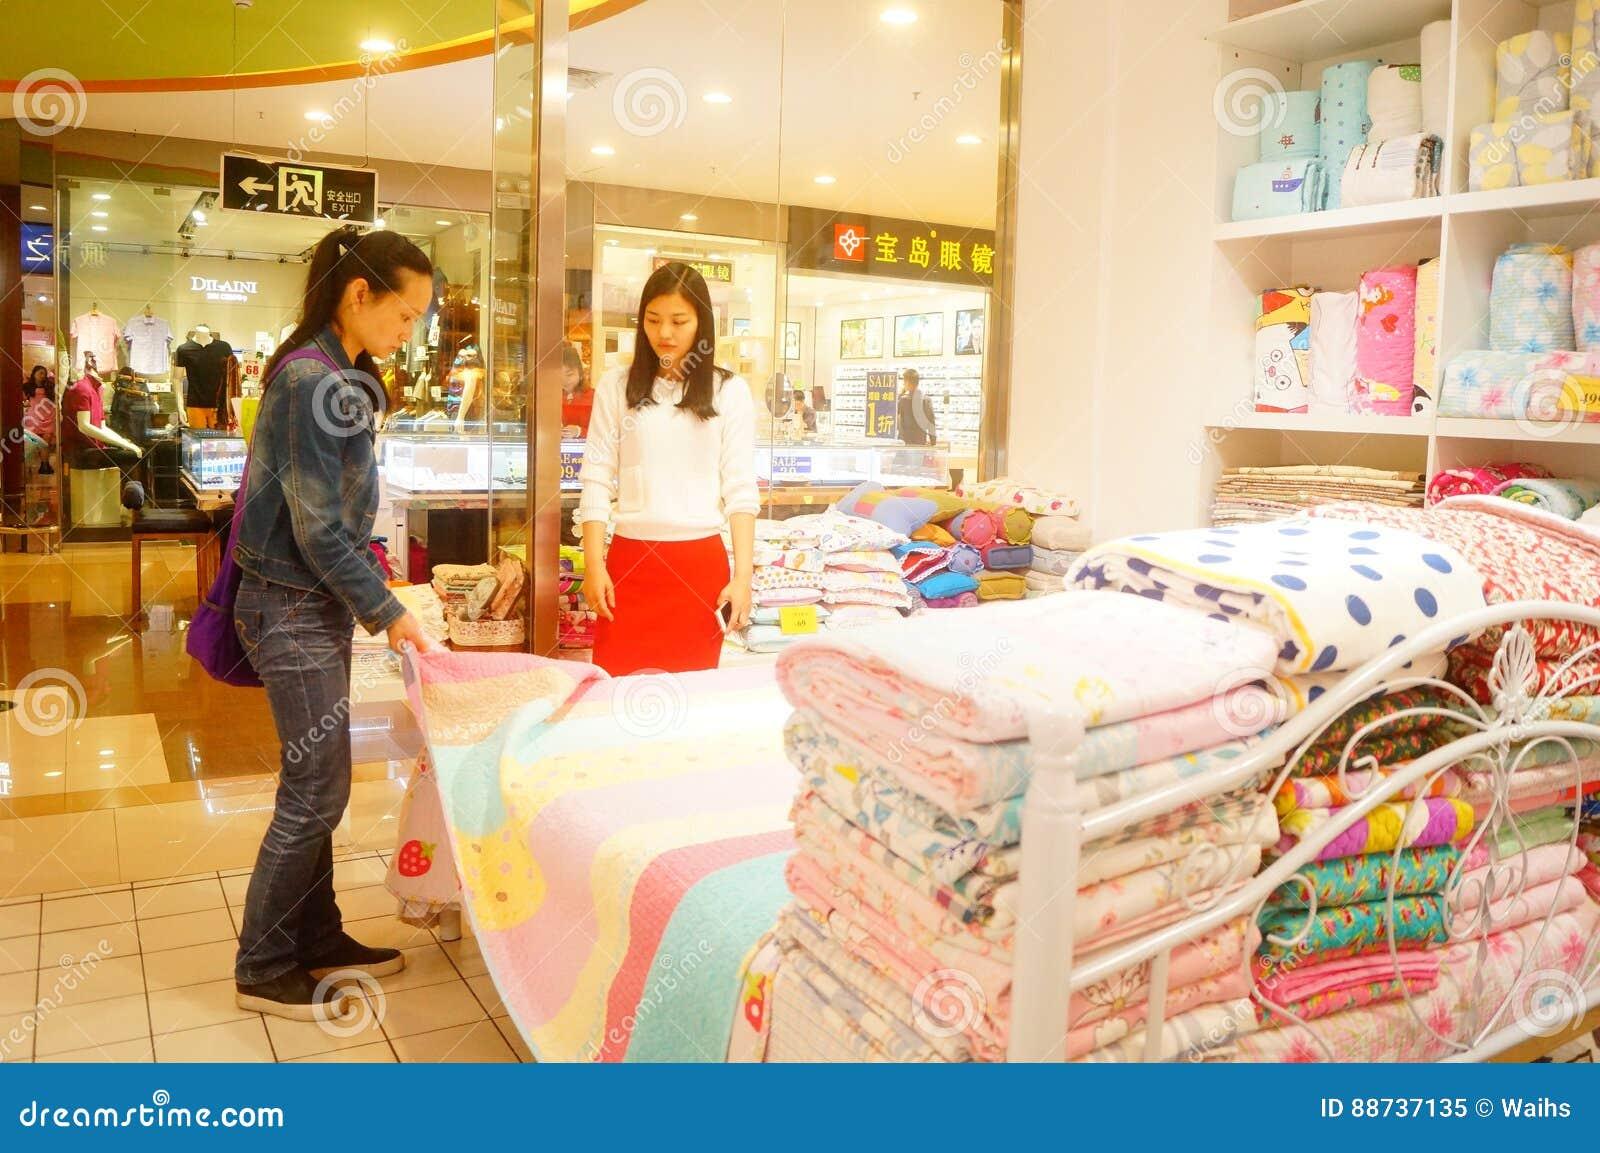 Shenzhen Kina: kvinnor köper sängkläder och annan sängkläder